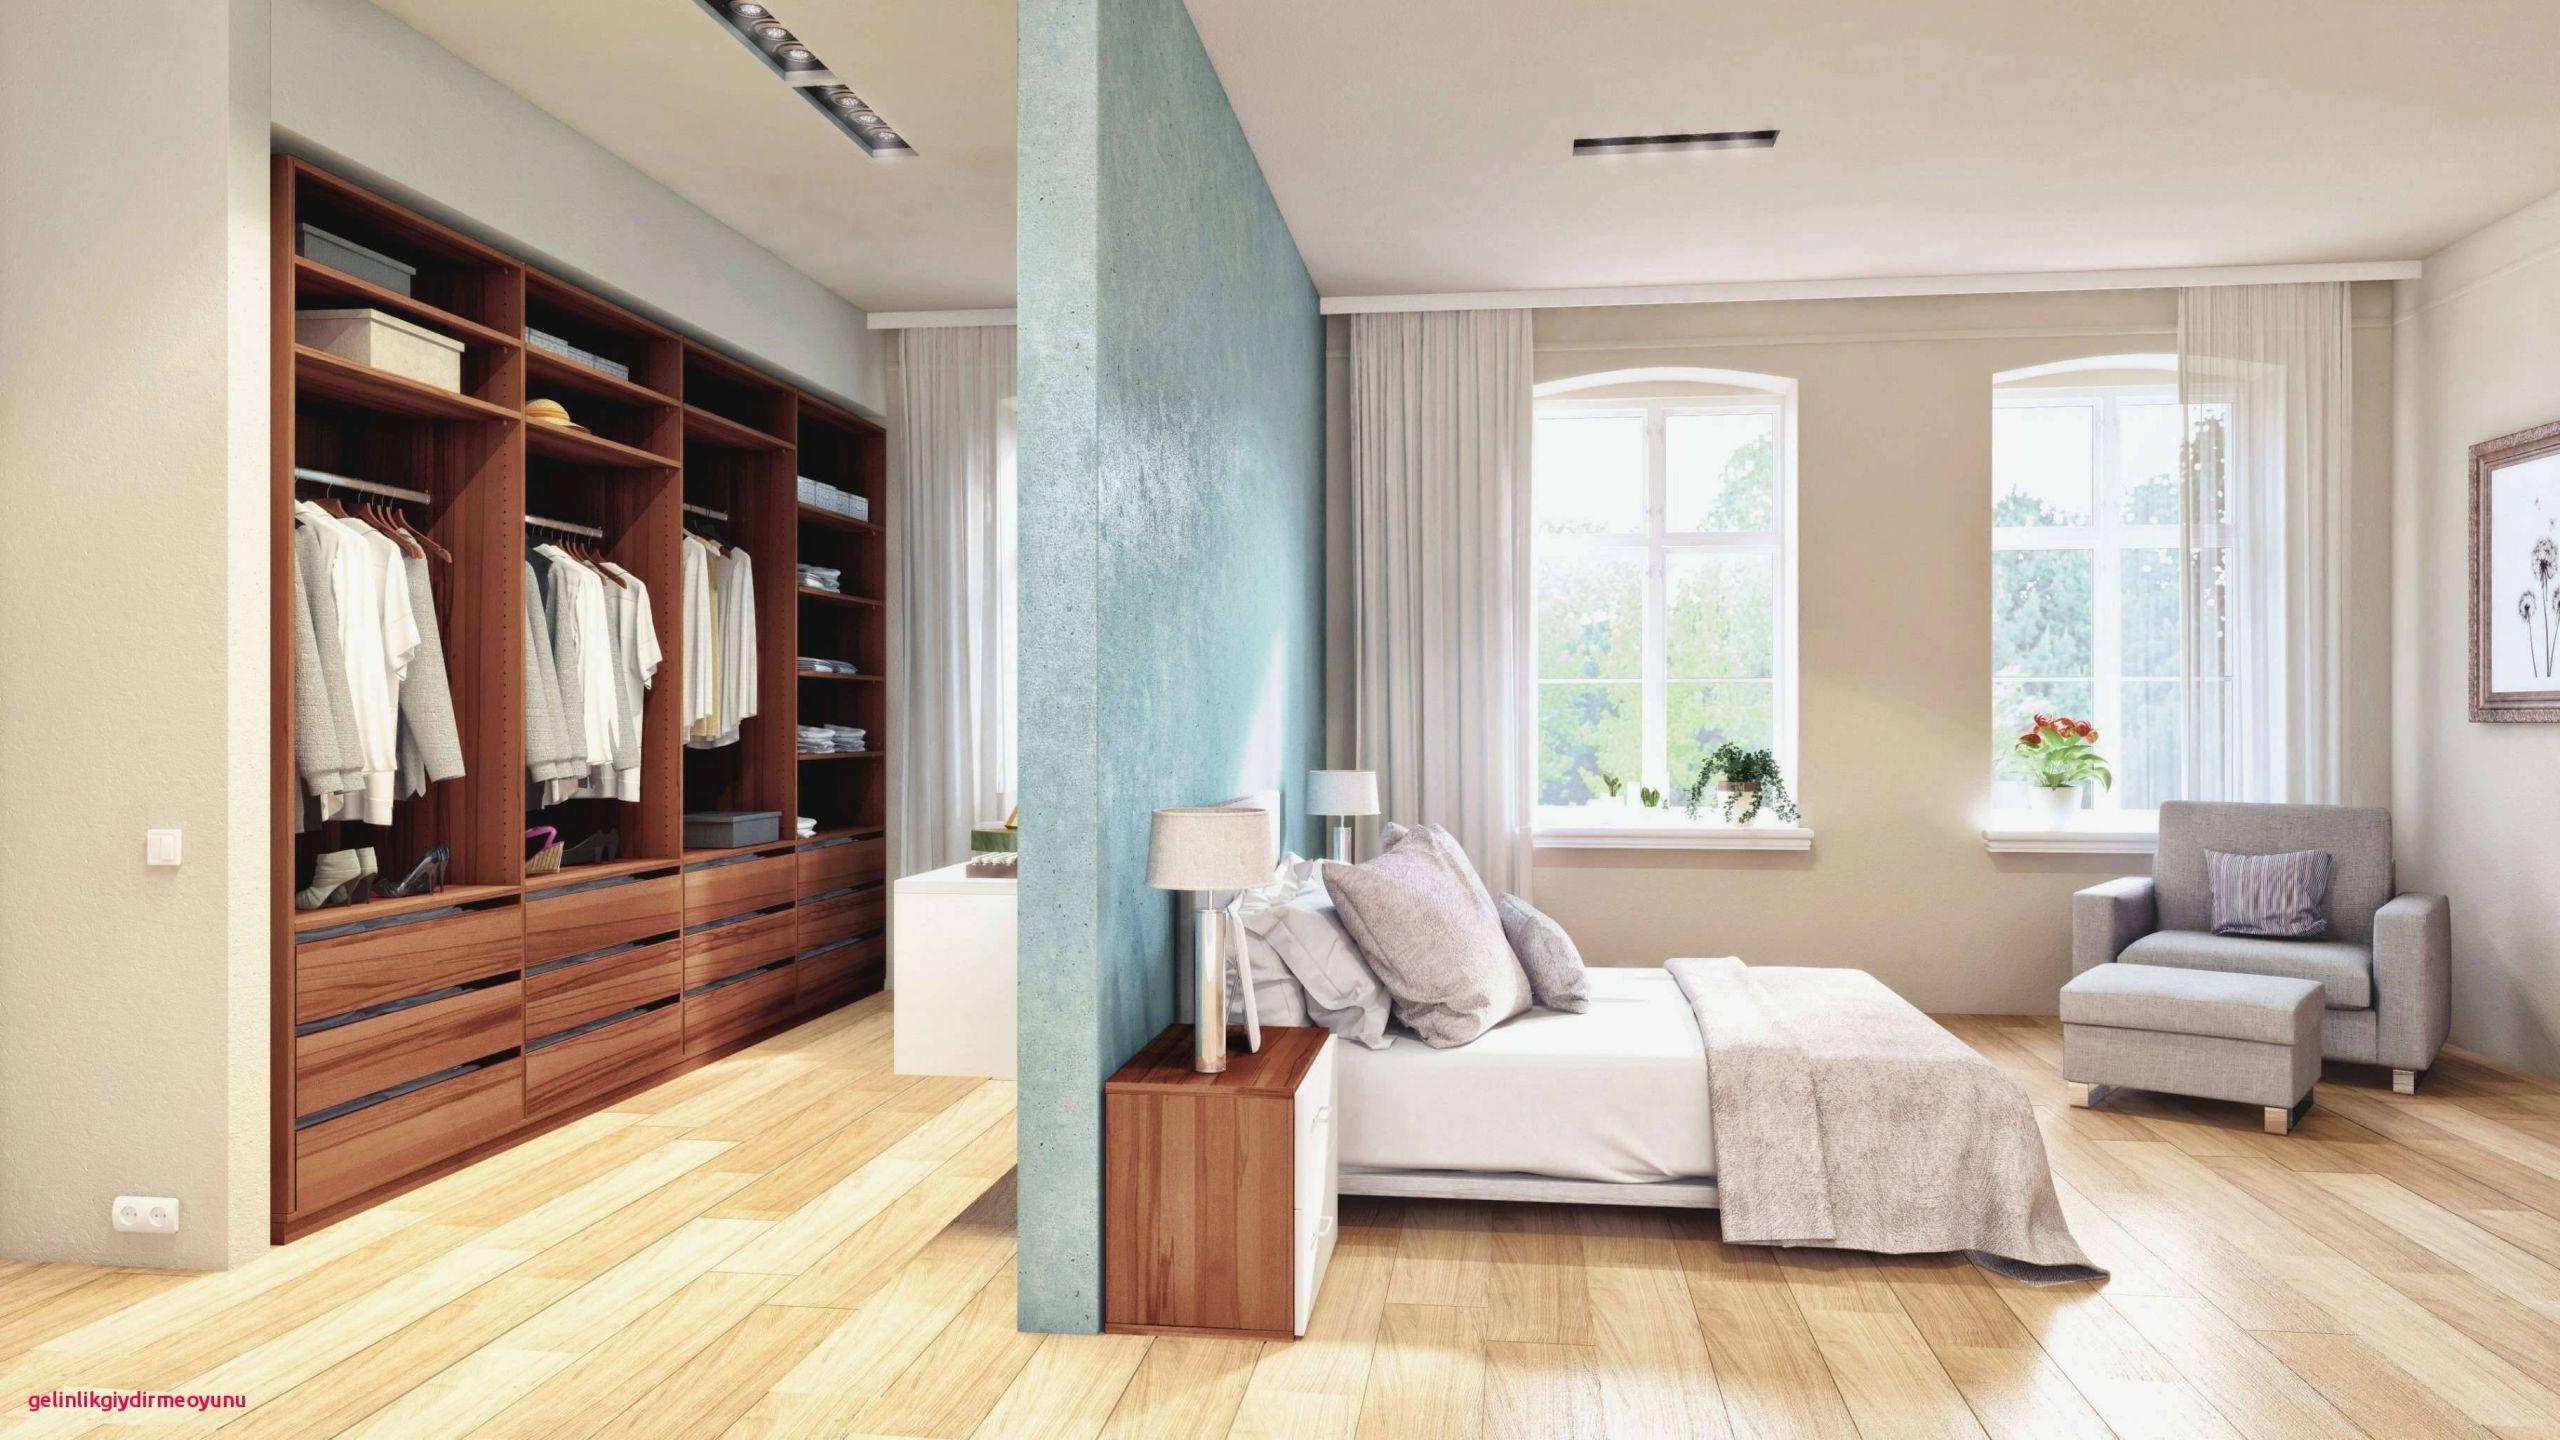 deko ideen fur kleines wohnzimmer frisch 42 luxus holz fur zaun kaufen stock of deko ideen fur kleines wohnzimmer